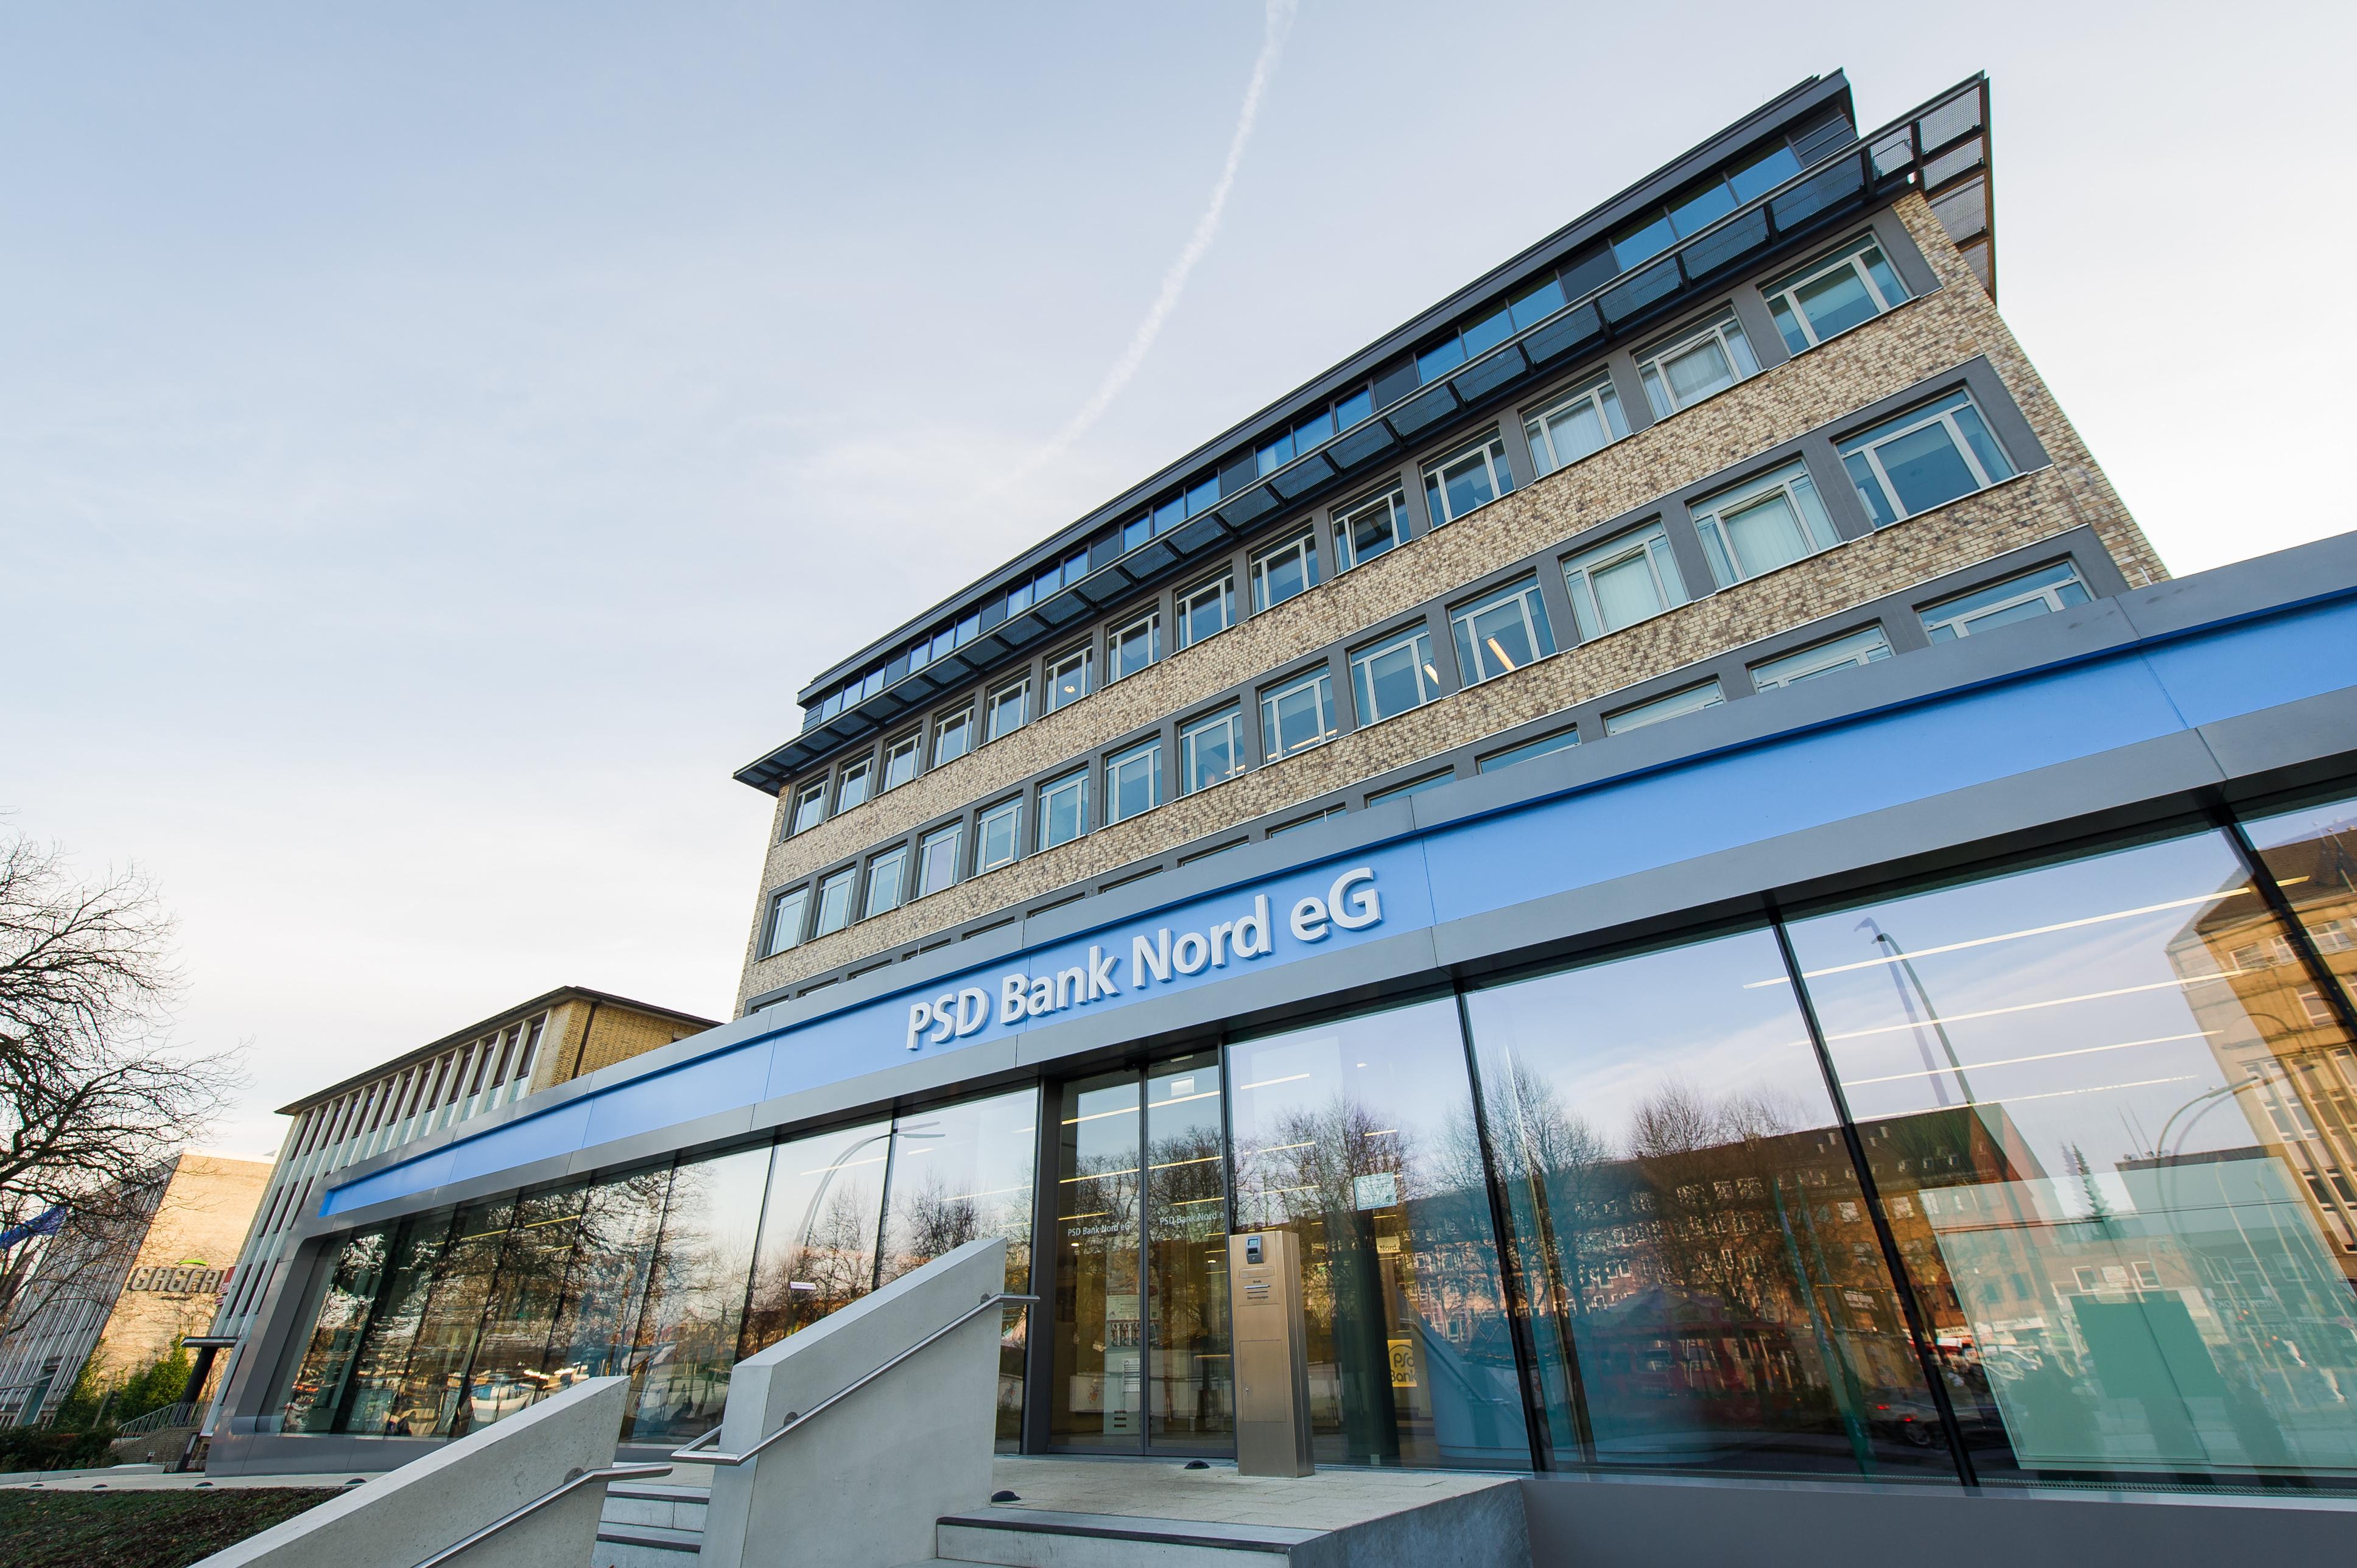 Psd Bank Hamburg